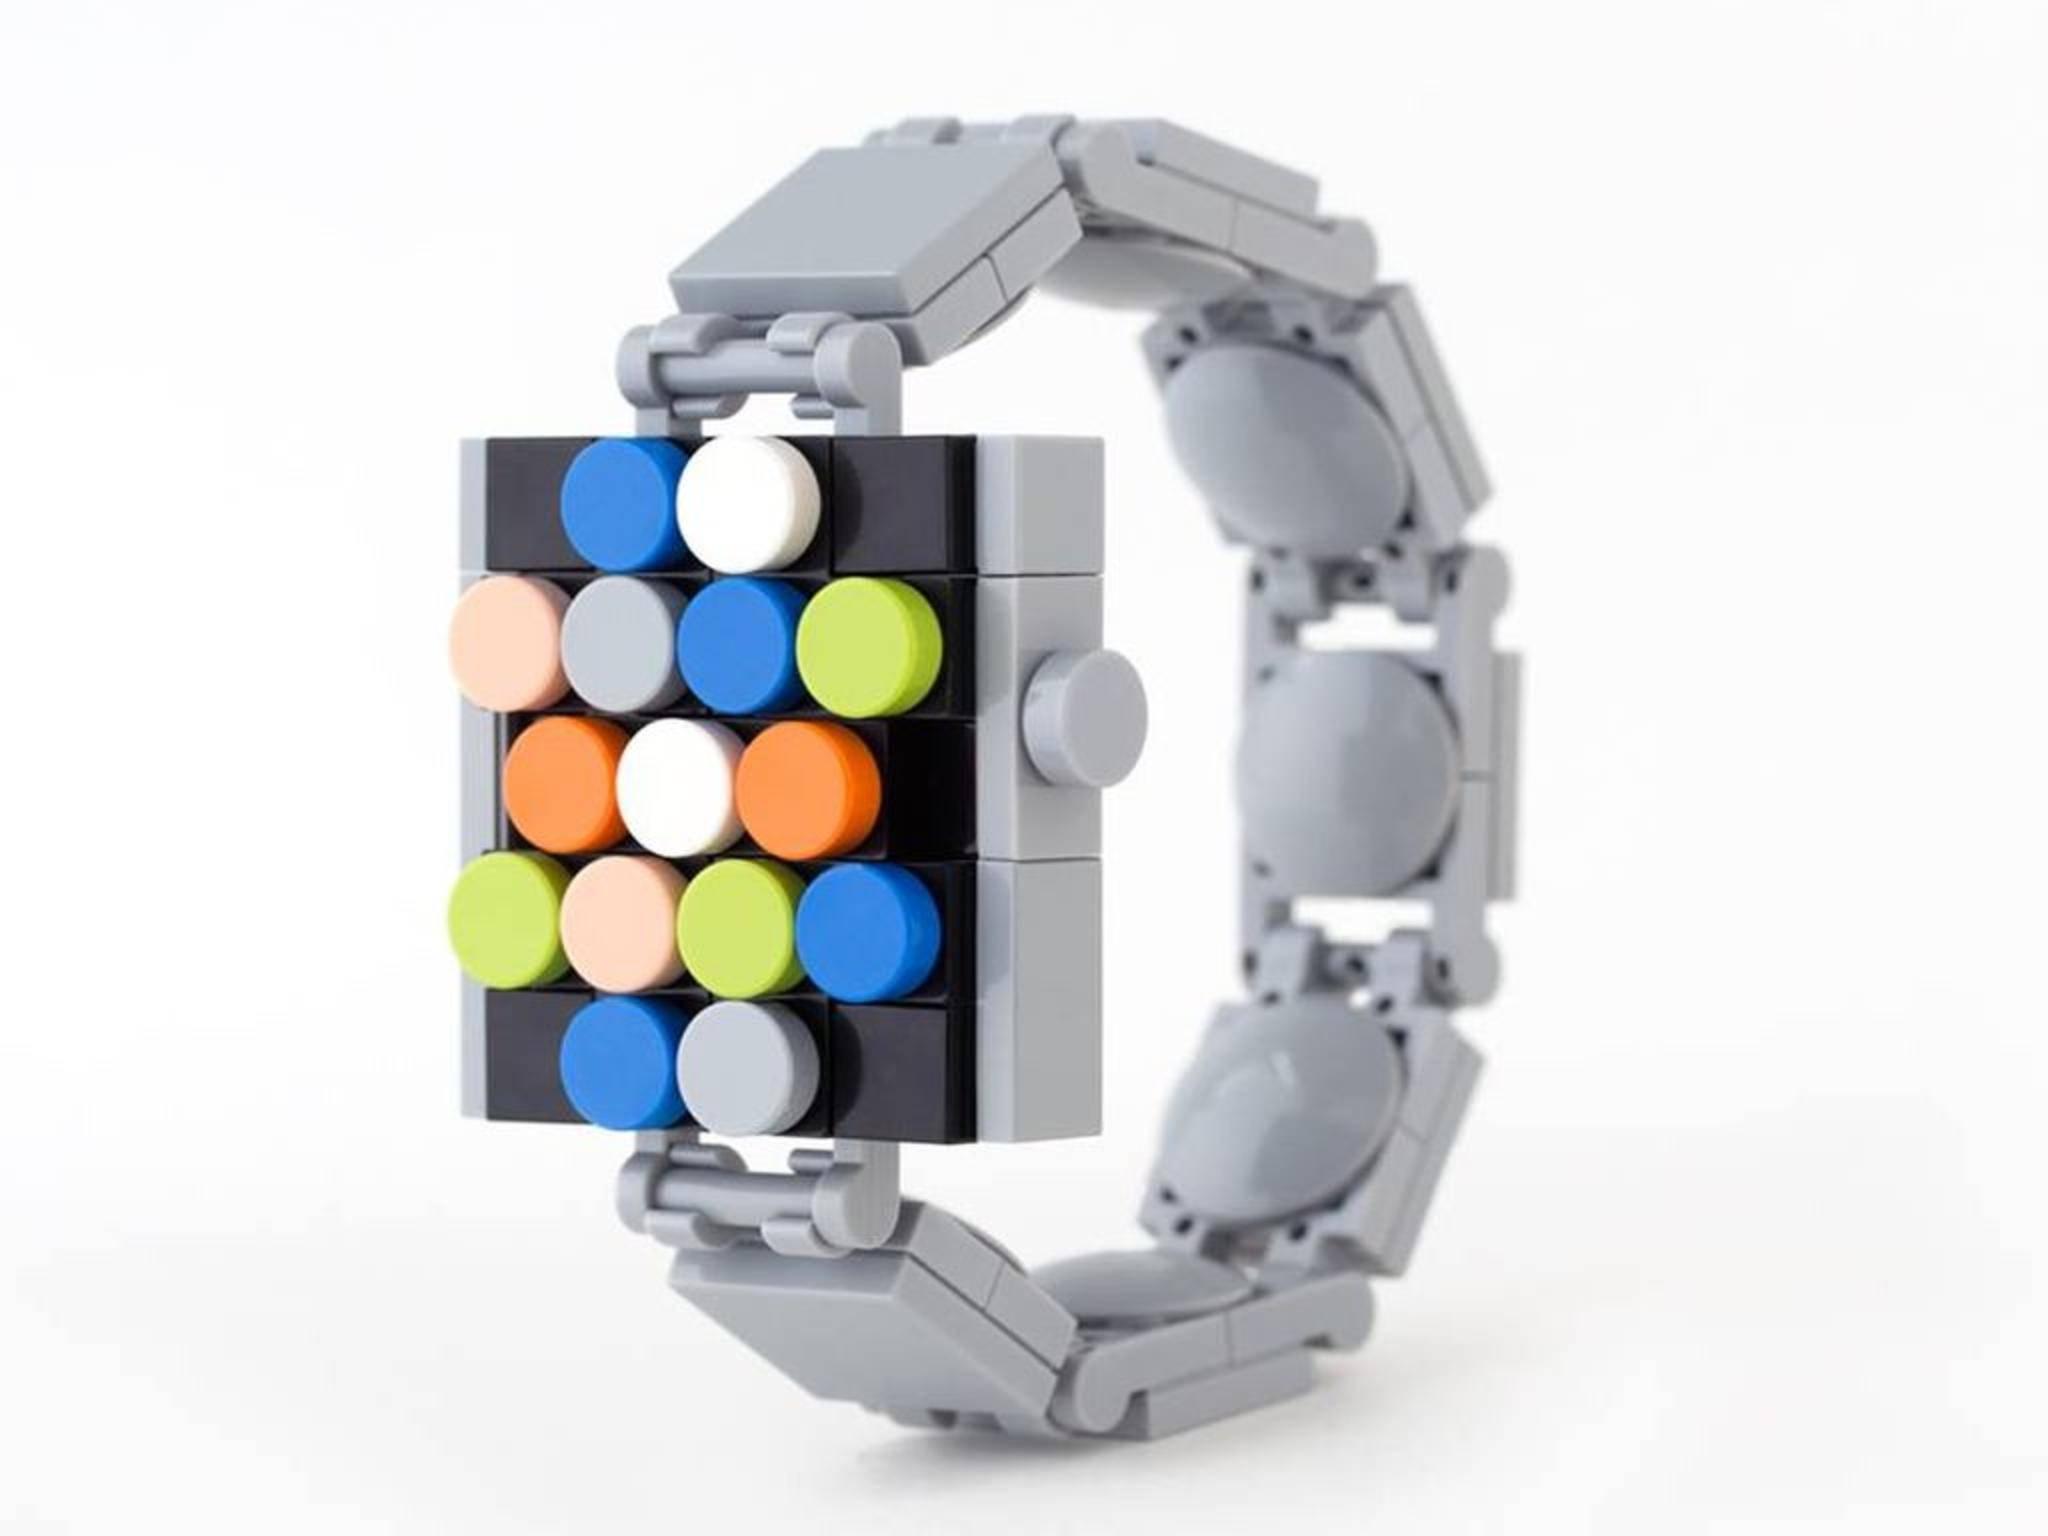 Vom Original kaum zu unterscheiden: EIne schicke Apple Watch aus Lego.